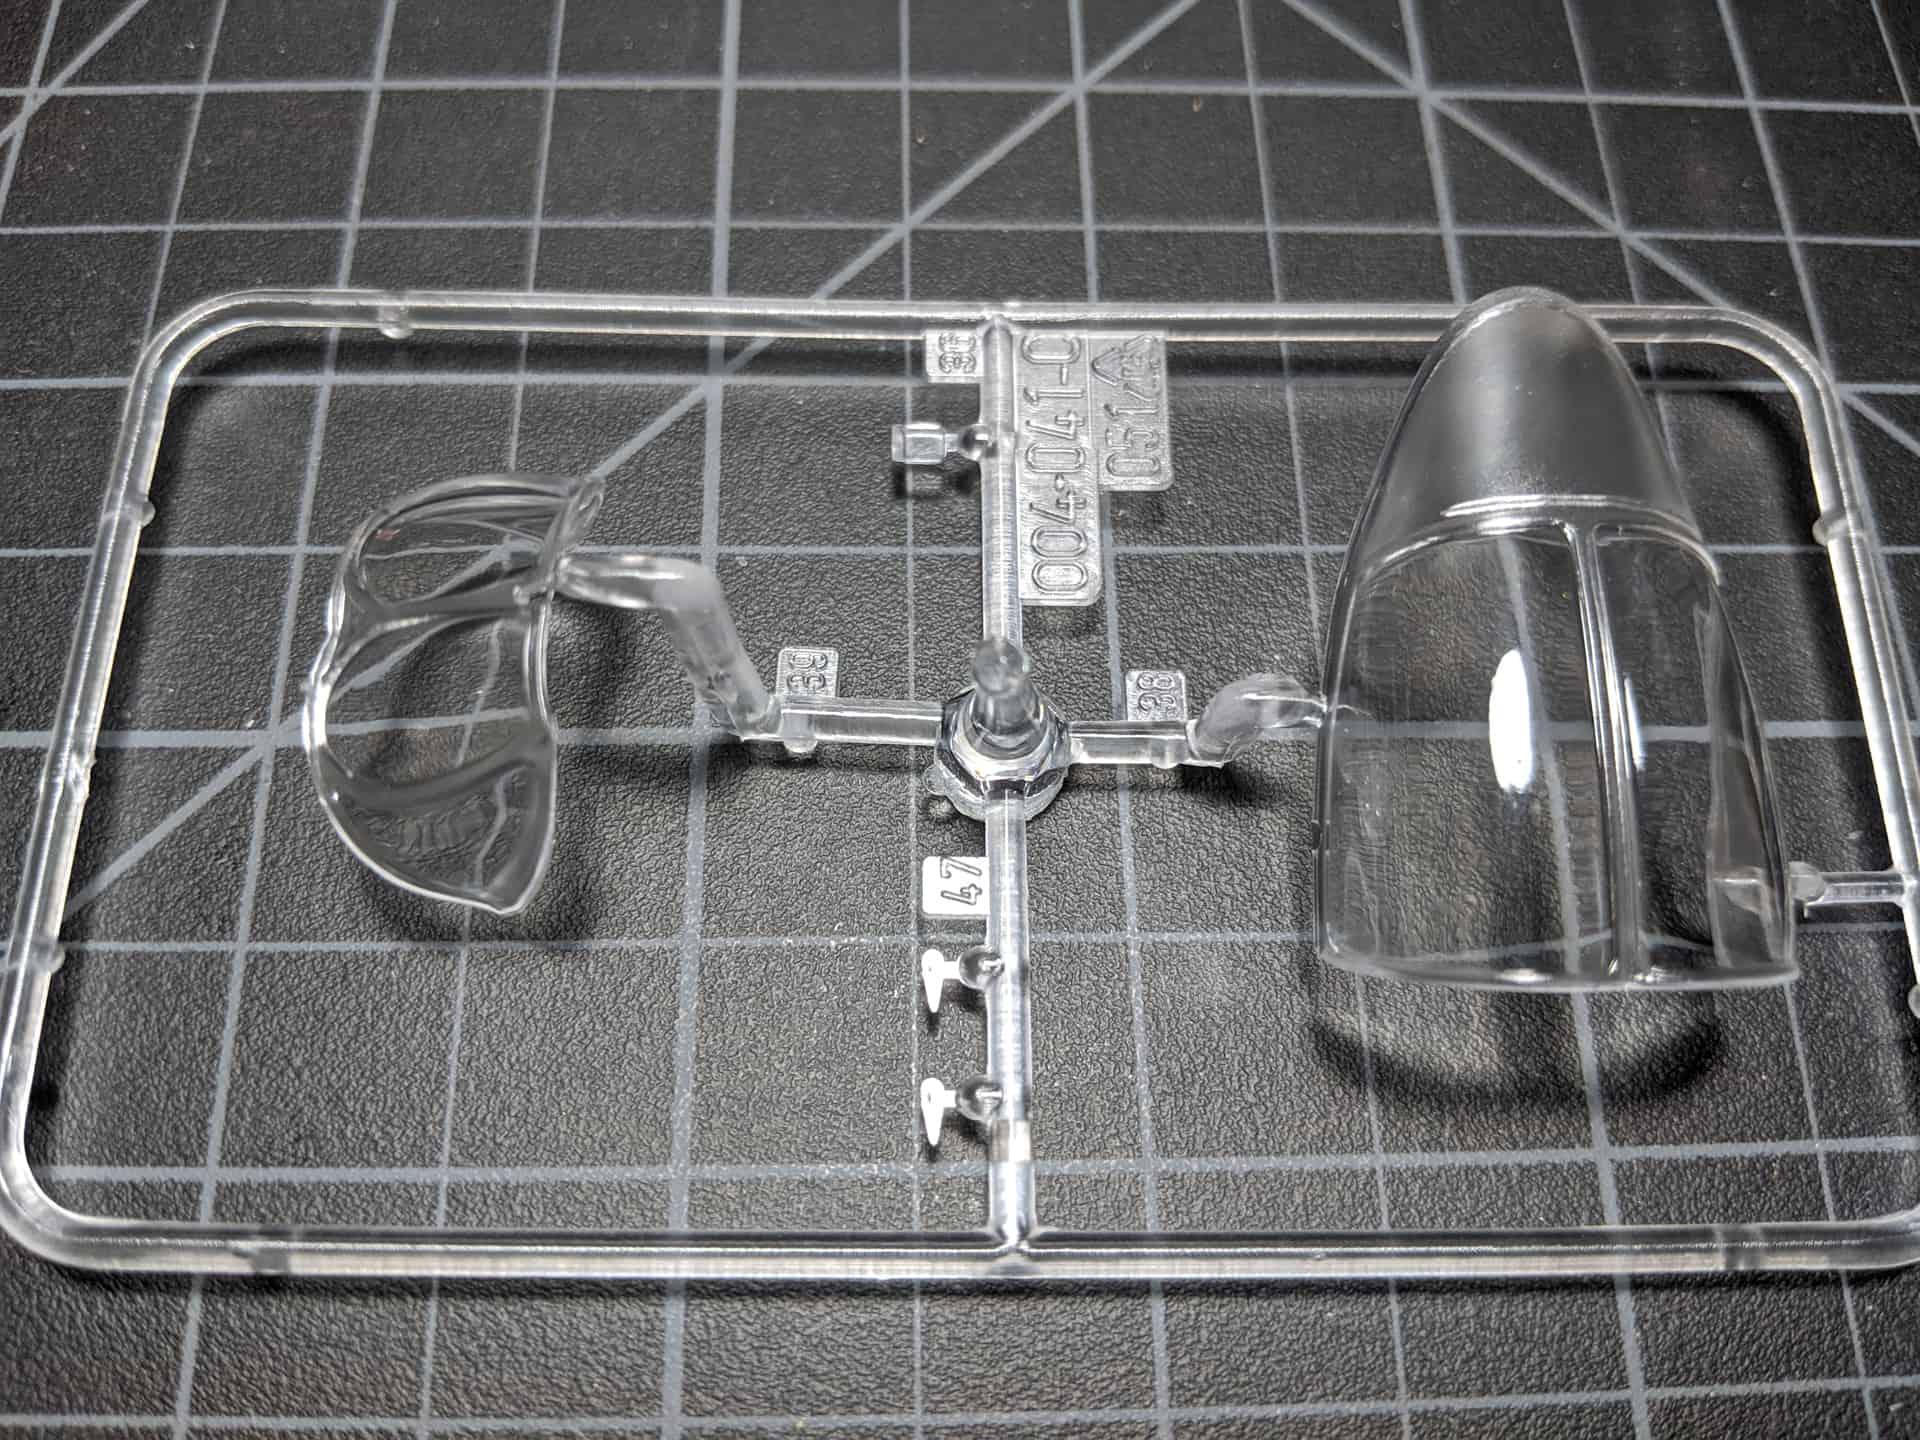 ka-6-intruder-clear-parts